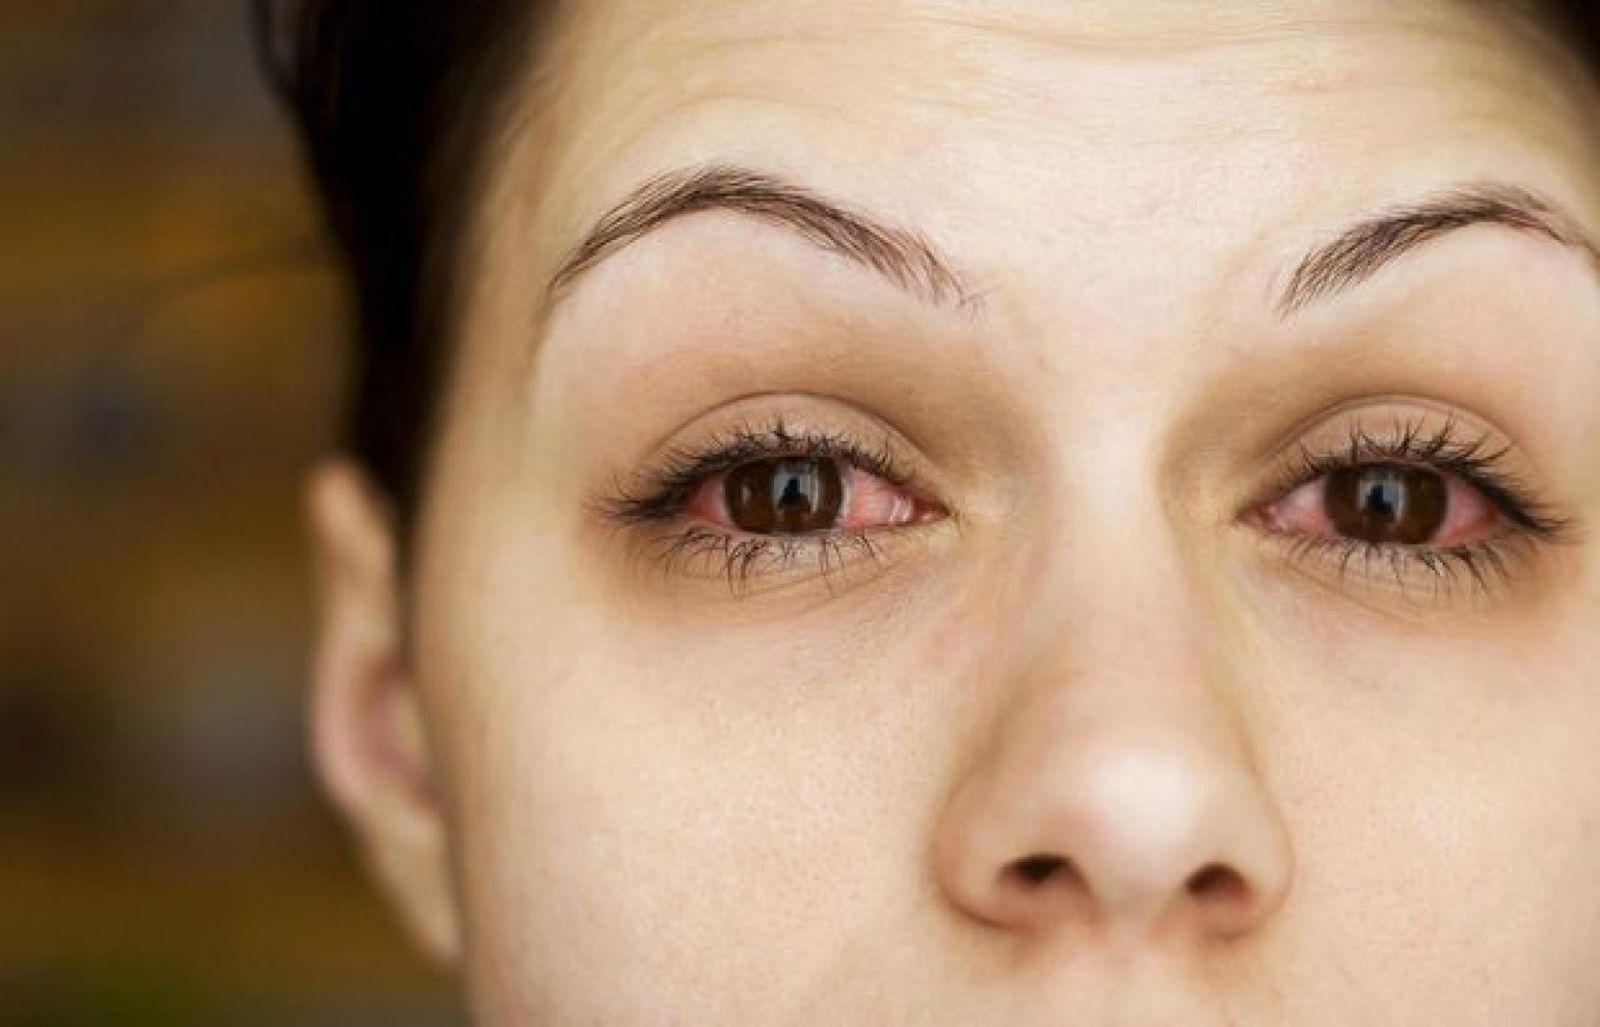 Những hình ảnh chi tiết nhất về triệu chứng của bệnh đau mắt đỏ - Ảnh 2.